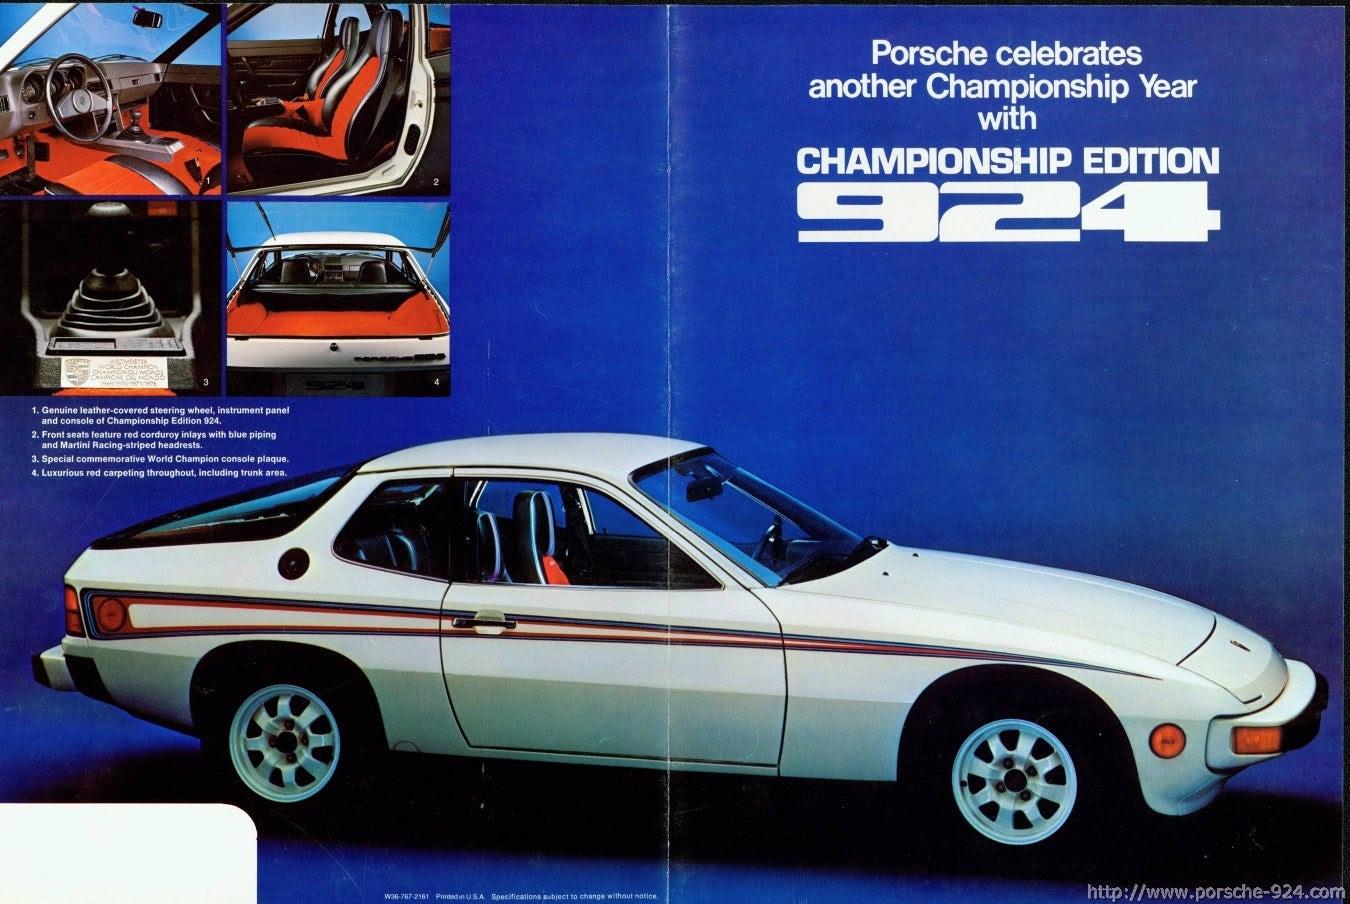 1977 Porsche 924 Martini Edition 1200 In Ct 2000